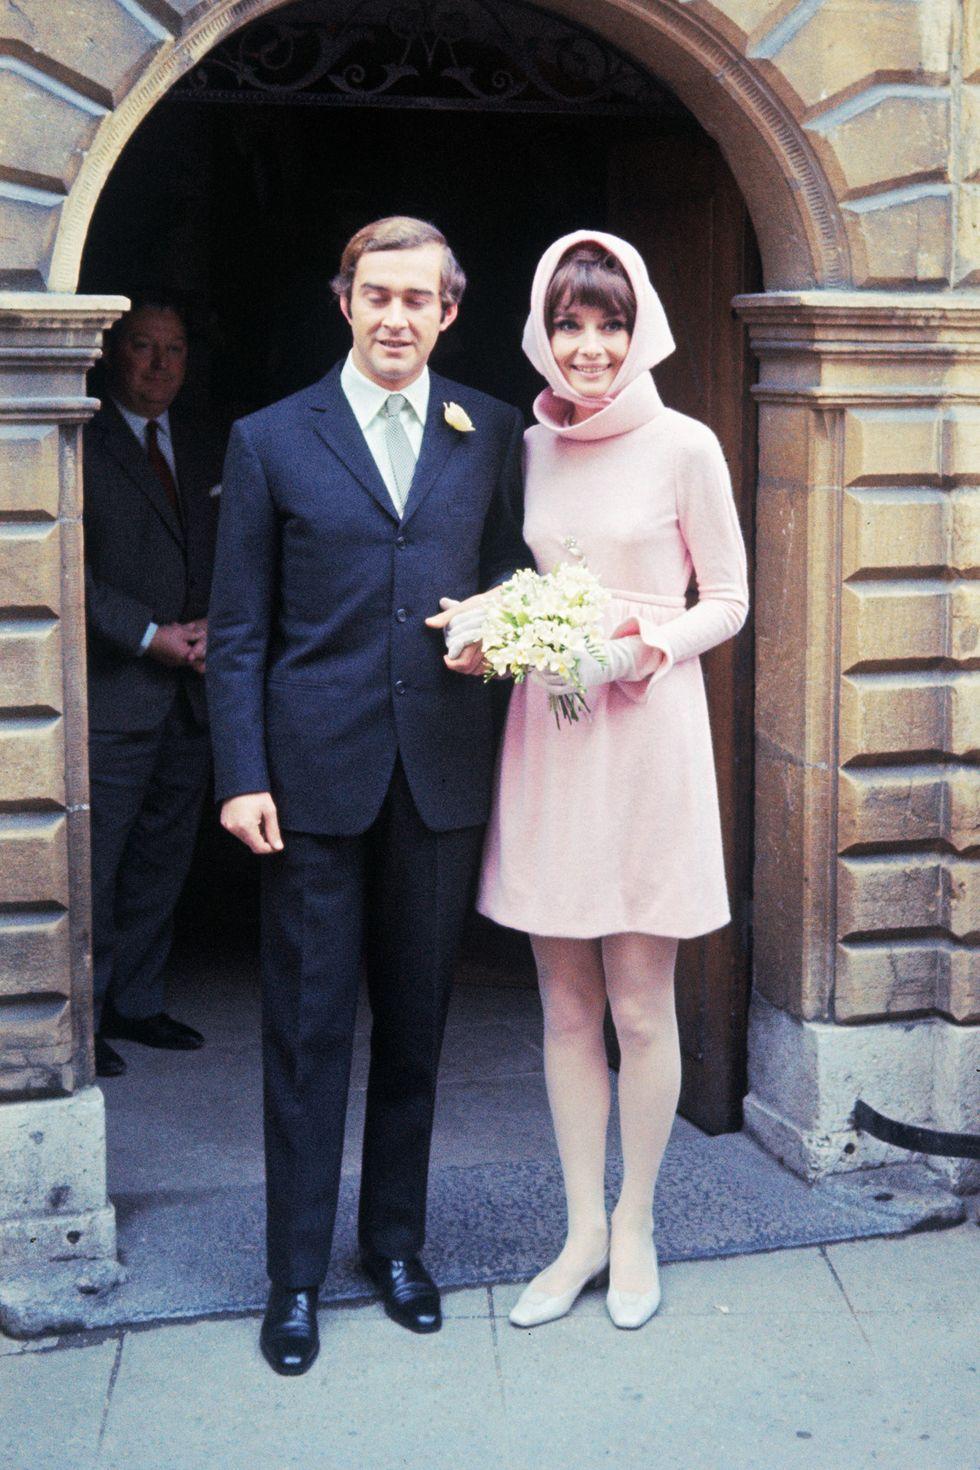 Audrey Hepburn's 1969 wedding dress